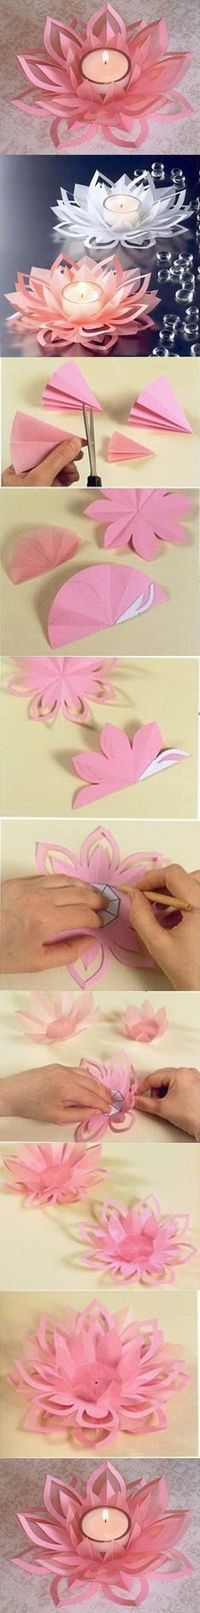 En taitaisi uskaltaa paperia kynttilän ympärille laittaa, mutta kukan malli on kaunis johonkin muuhun askarteluun!